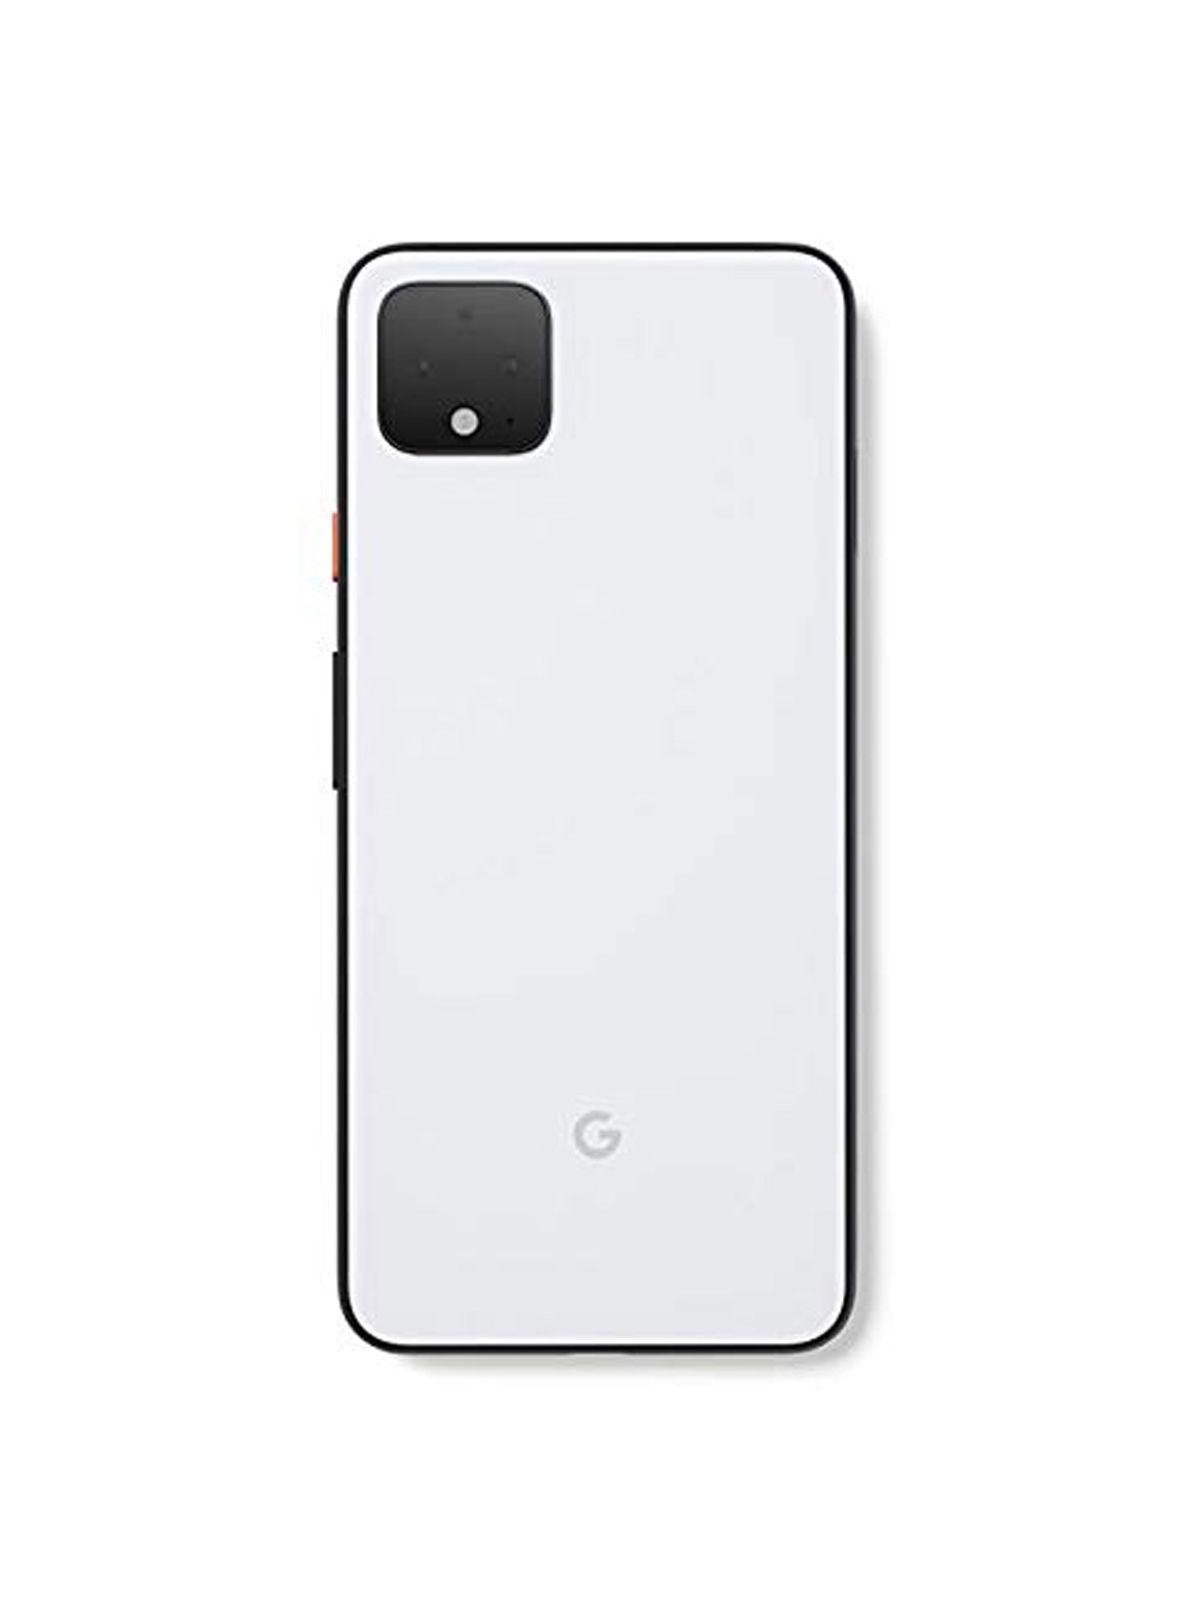 గూగుల్ Pixel 4 XL 64GB